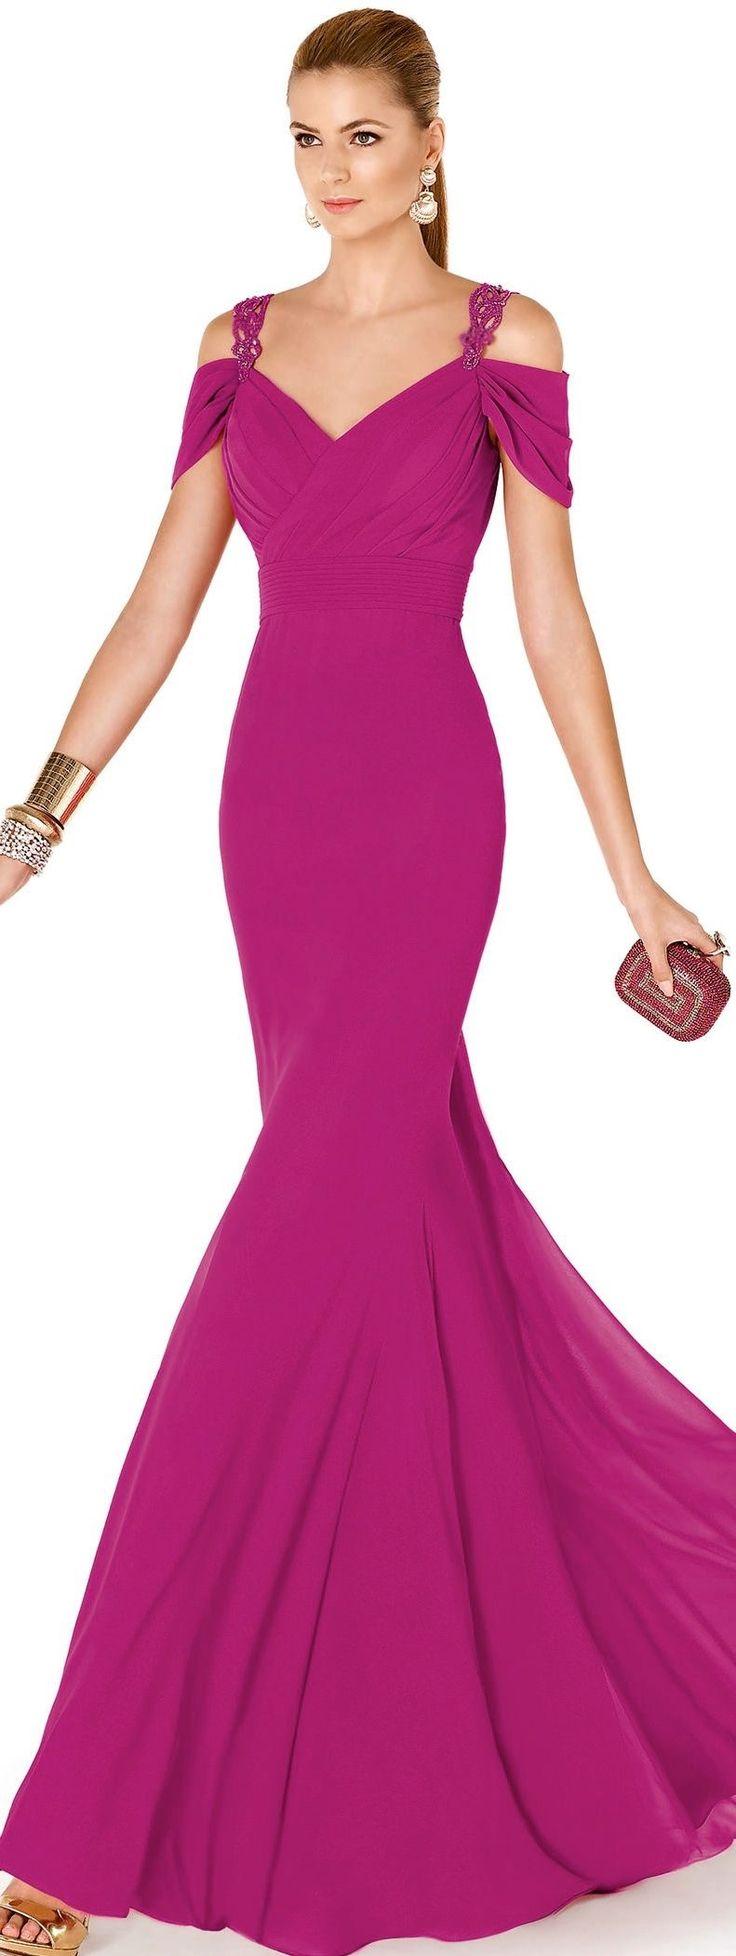 Ein figurebetontes Design und eine ins Auge fallende Farbe setzen dieses Kleid in Szene. Mein Stil - gut gelungen!